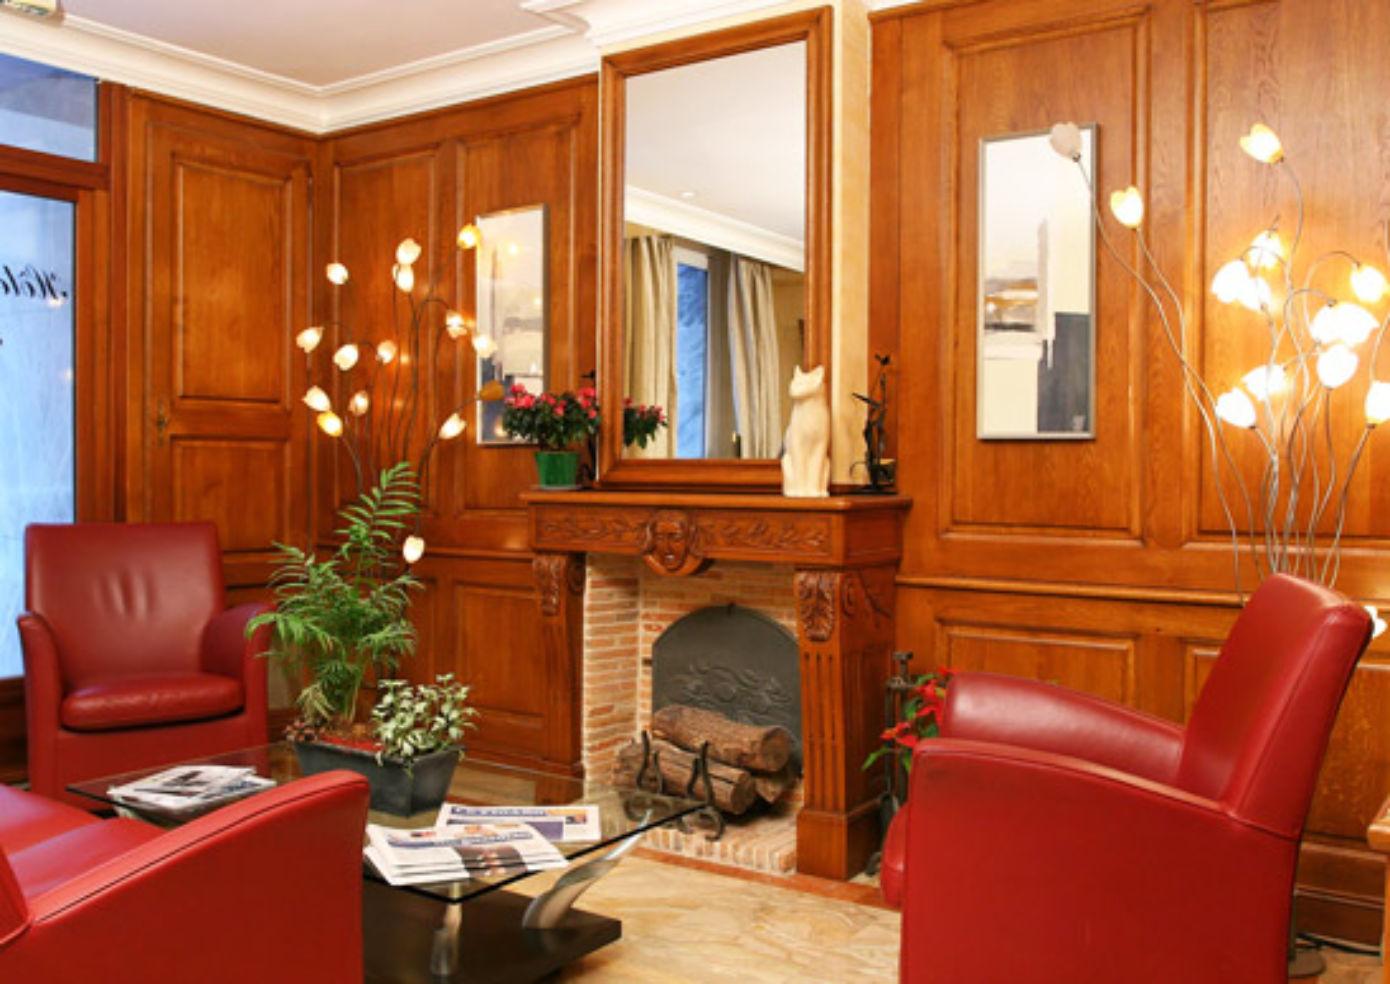 The lobby at Hotel Muguet